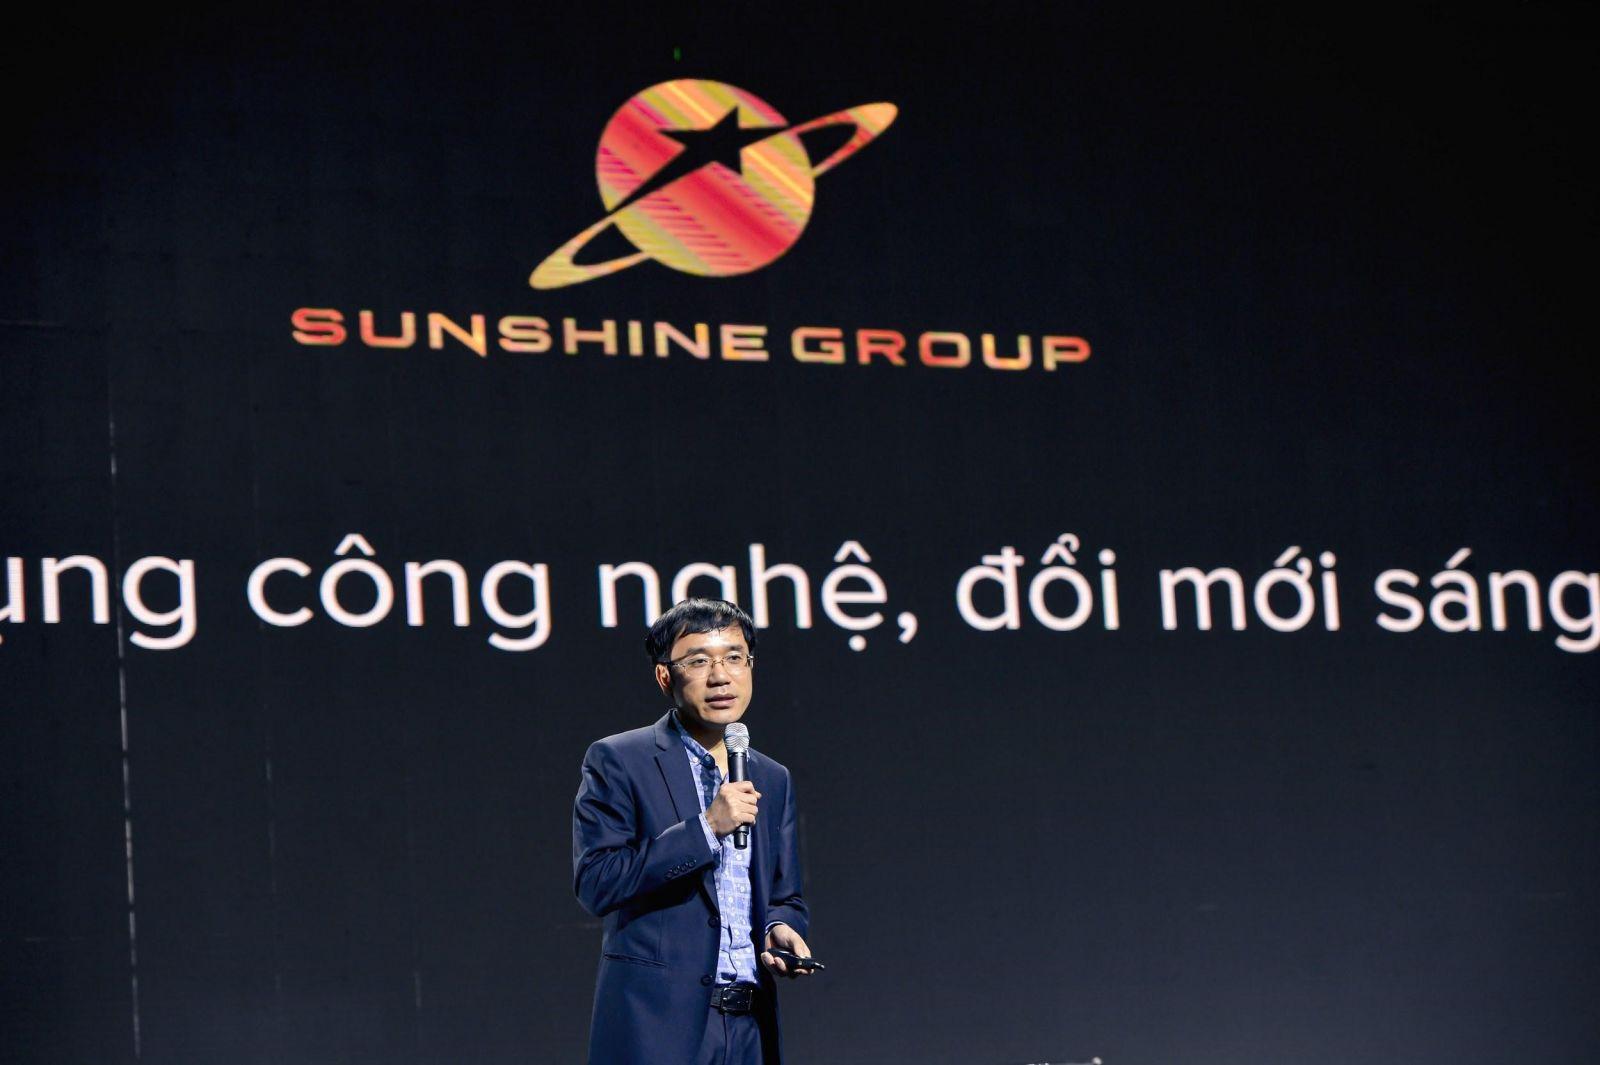 Ông Nguyễn Văn Minh - Phó Tổng Giám đốc Công nghệ của Sunshine Group giới thiệu các giải pháp công nghệ tại sự kiện